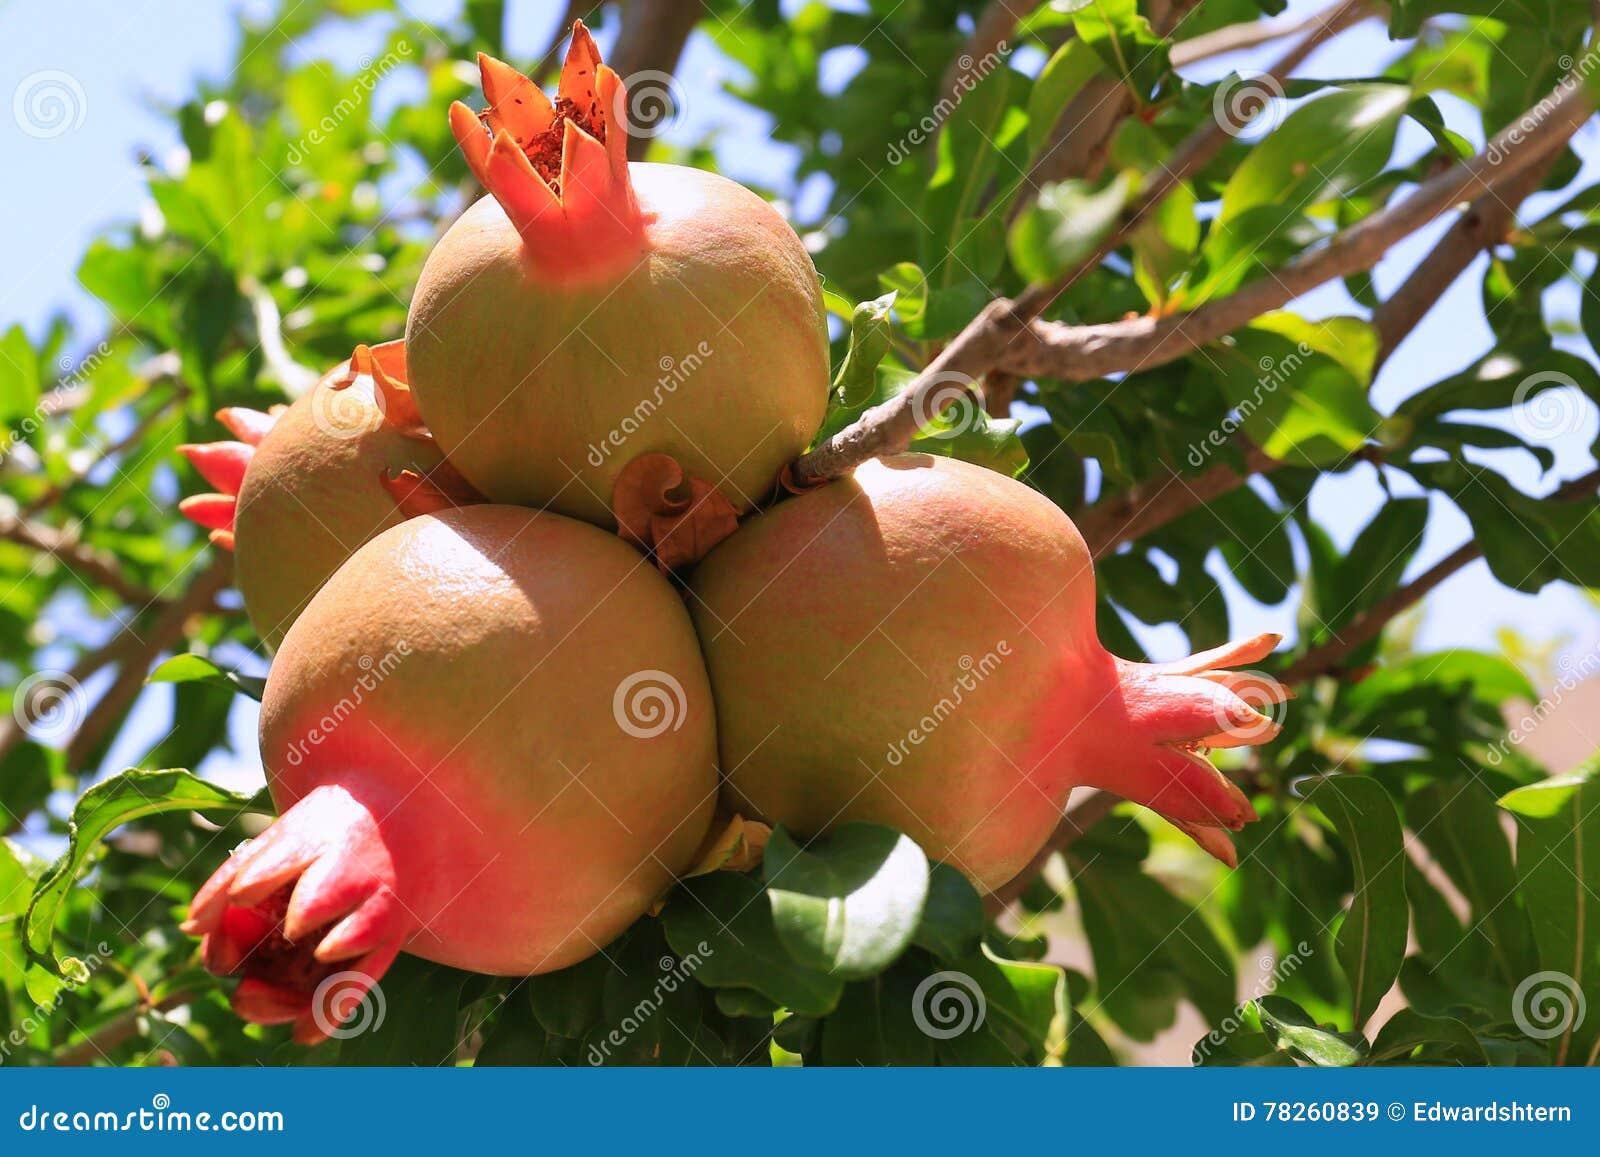 Ζωηρόχρωμα φρούτα ροδιών στον κλάδο δέντρων